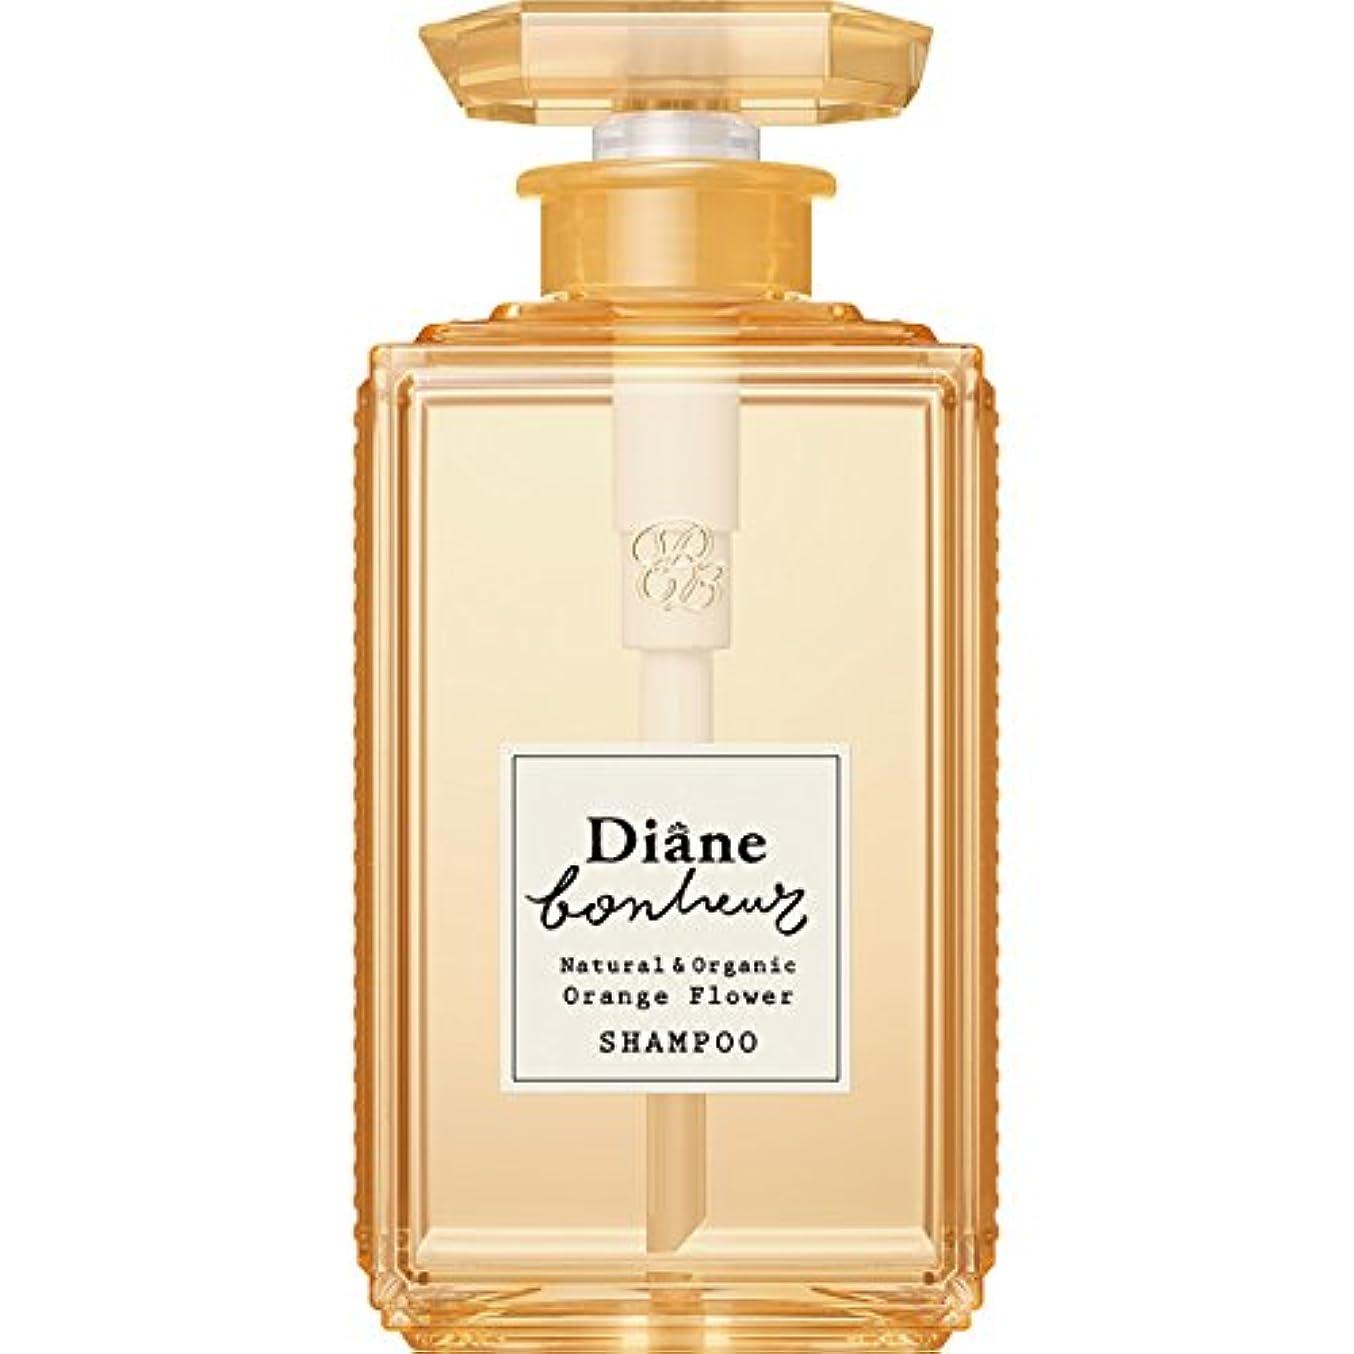 植物学入場導入するダイアン ボヌール オレンジフラワーの香り モイストリラックス シャンプー 500ml